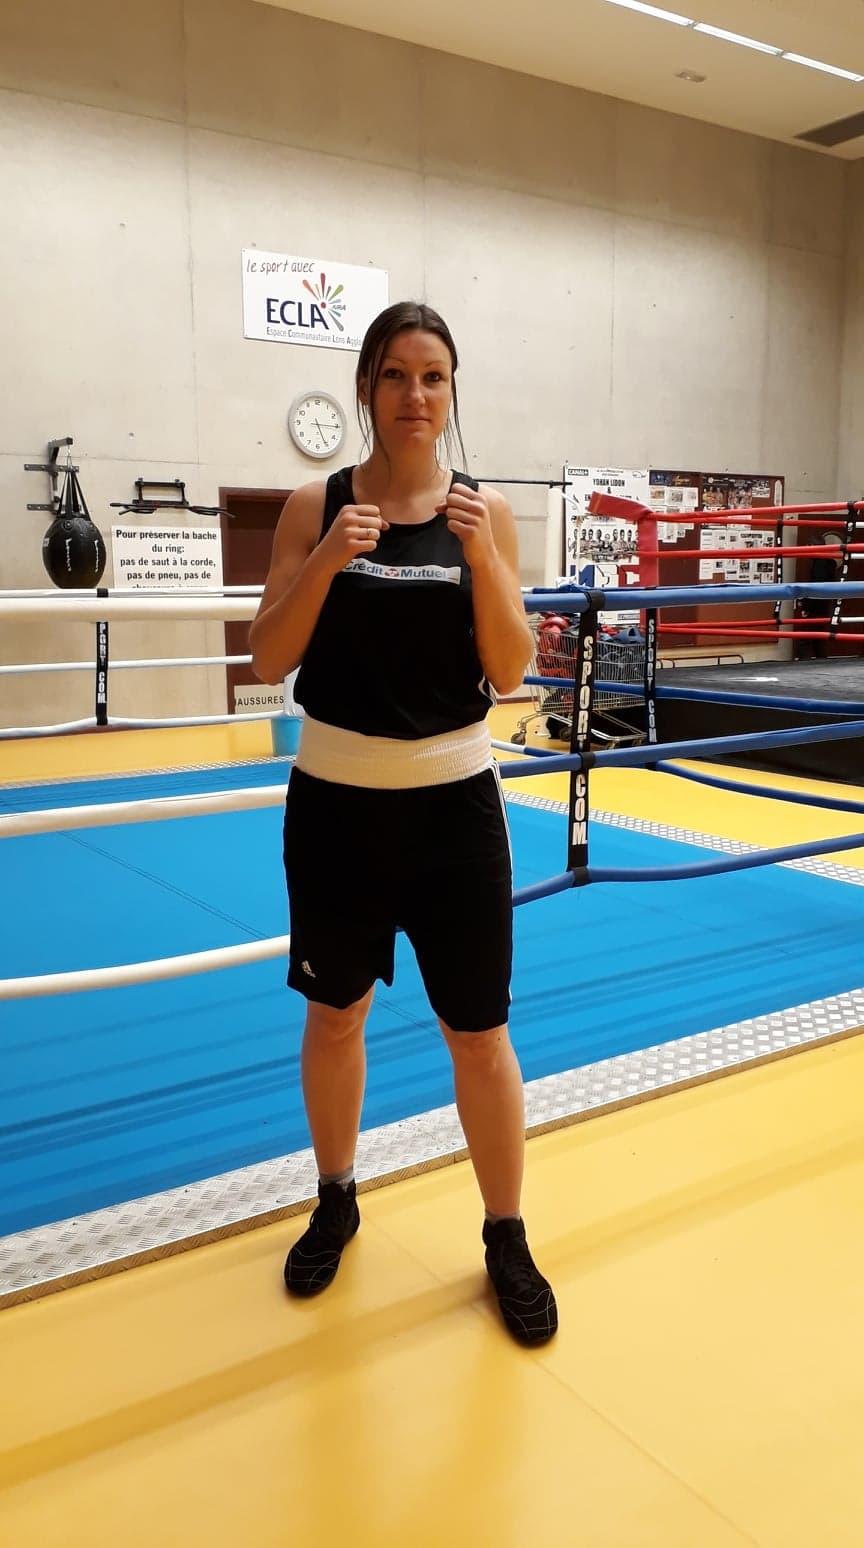 3d05092198 Club de boxe Lons-le-Saunier - Baby-boxe, boxe éducative, boxe ...